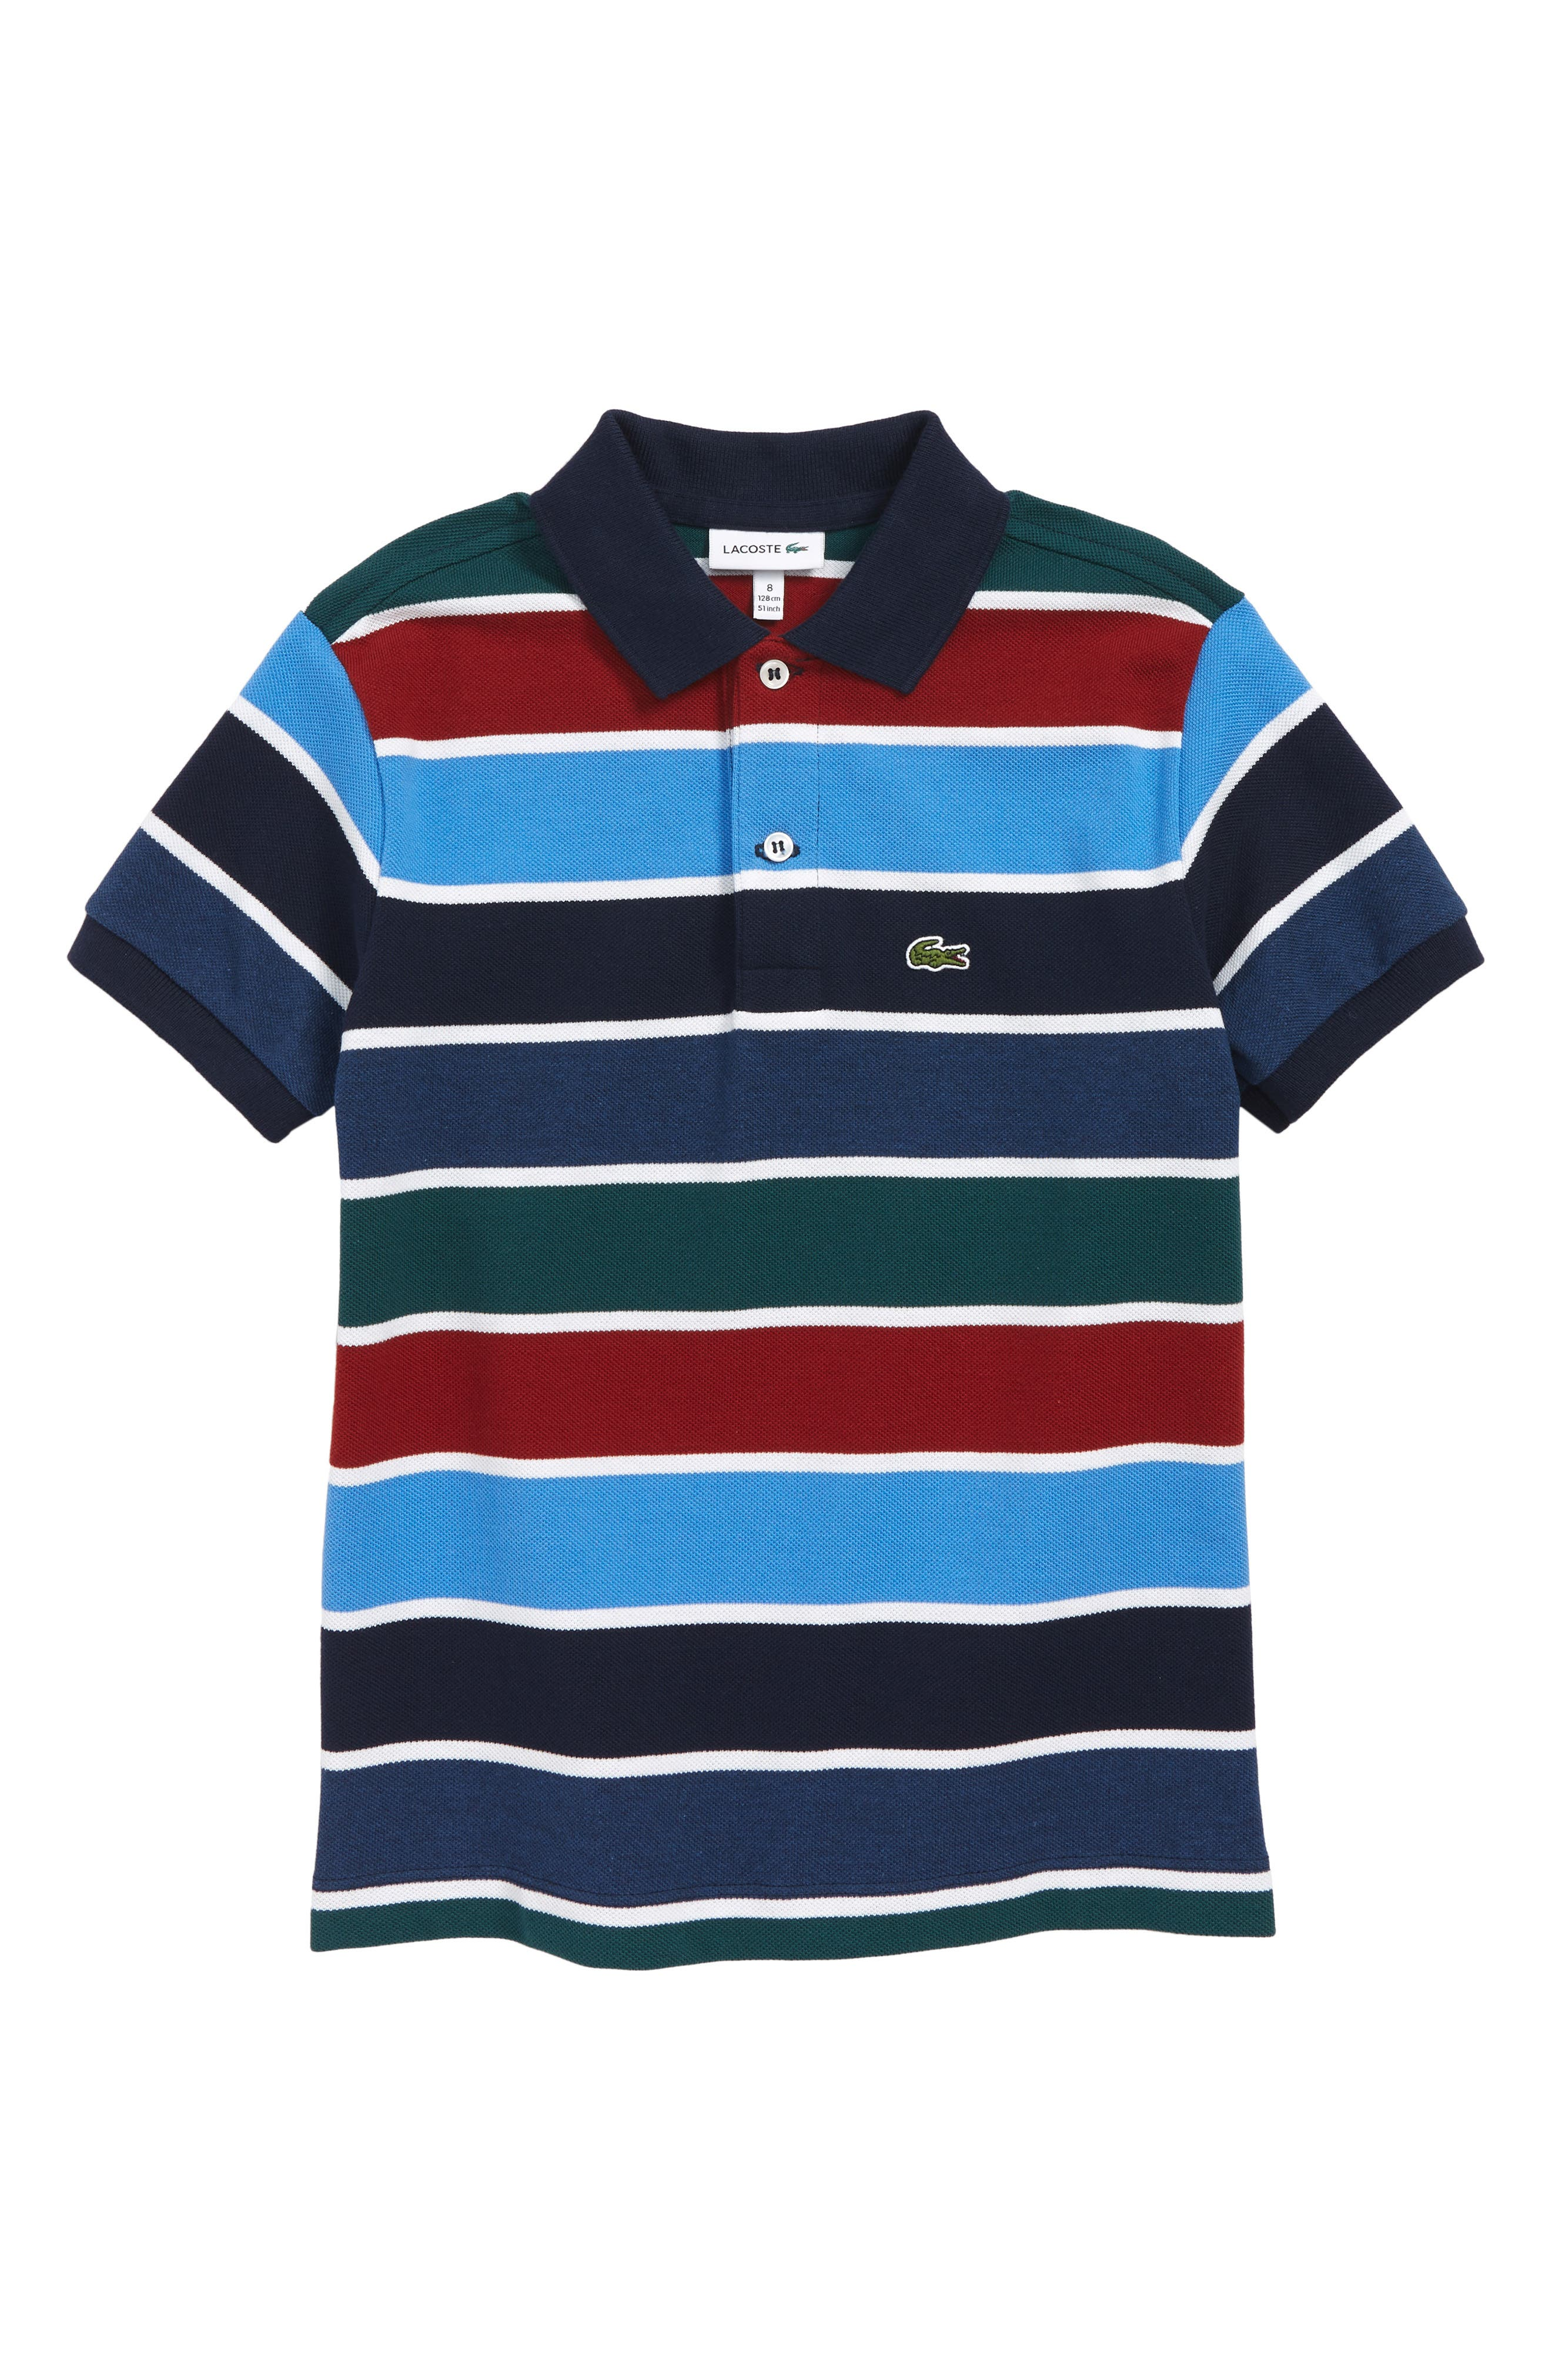 LACOSTE,                             Multicolor Stripe Piqué Polo,                             Main thumbnail 1, color,                             BLUE / WHITE